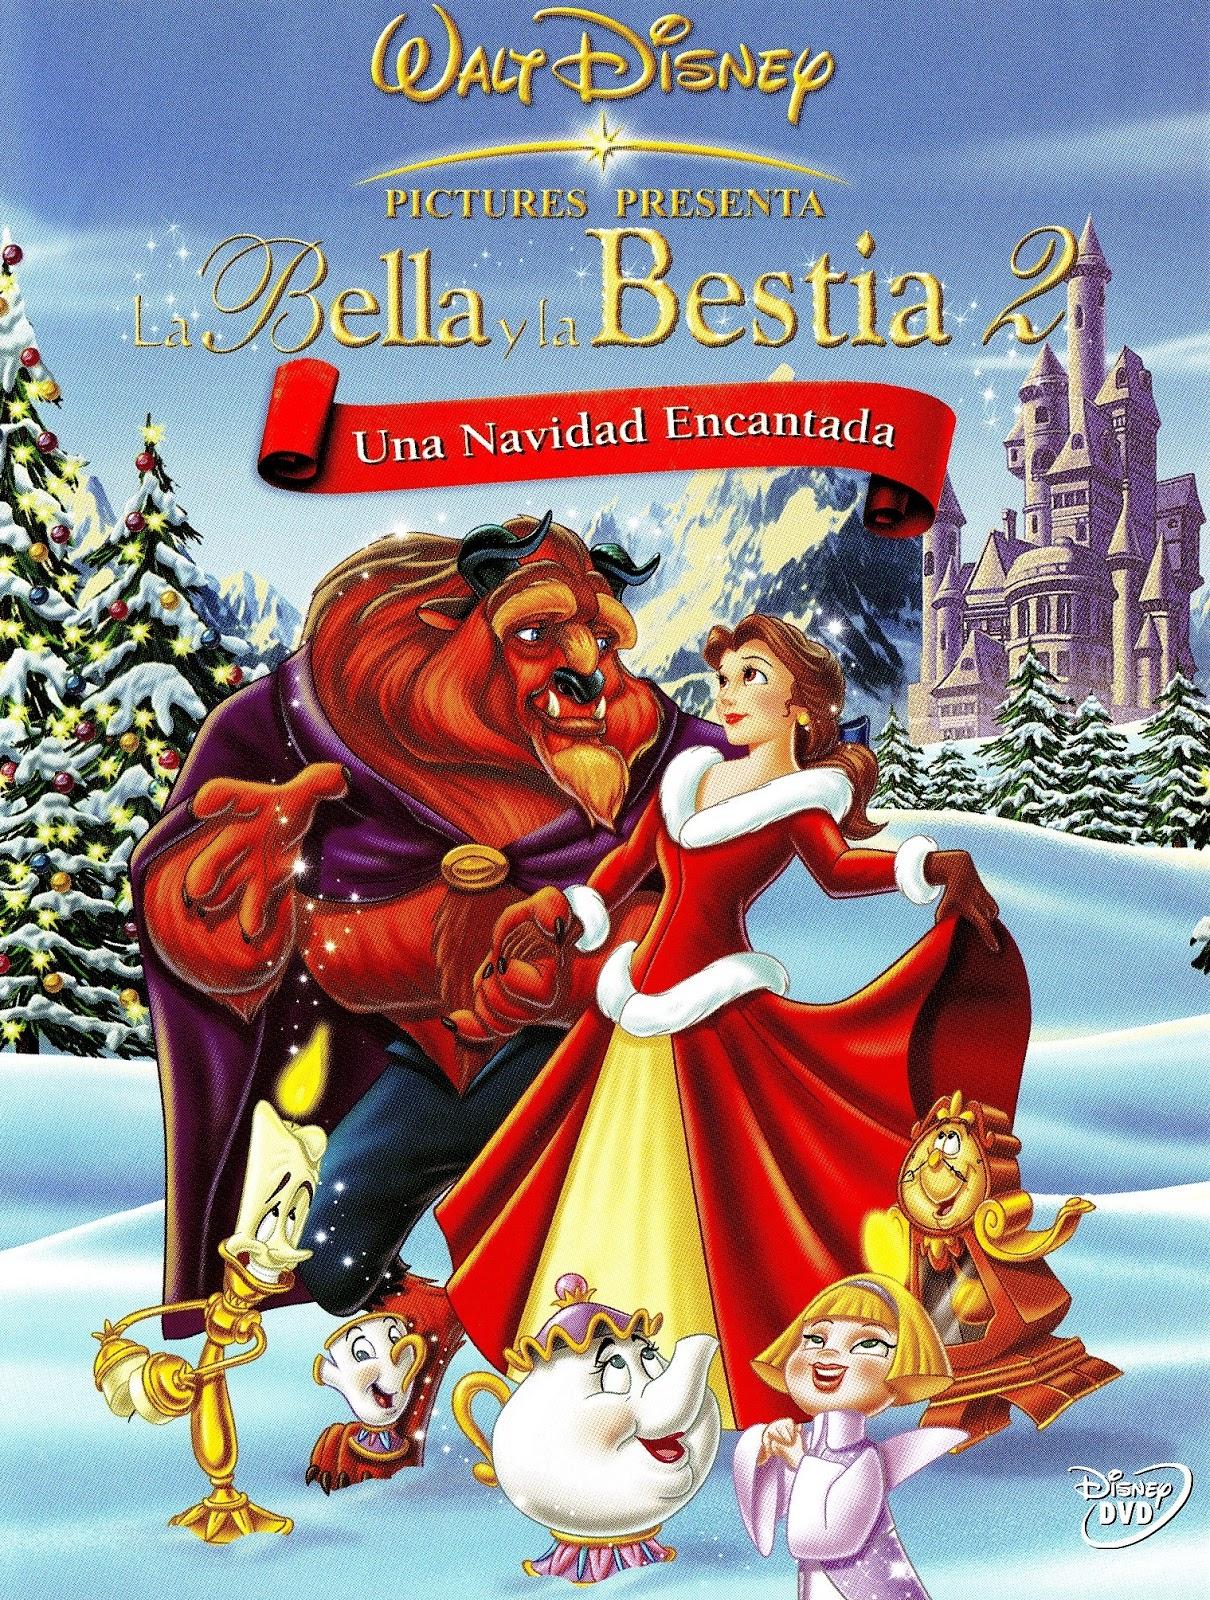 La Bella y la Bestia 2: Una Navidad Encantada